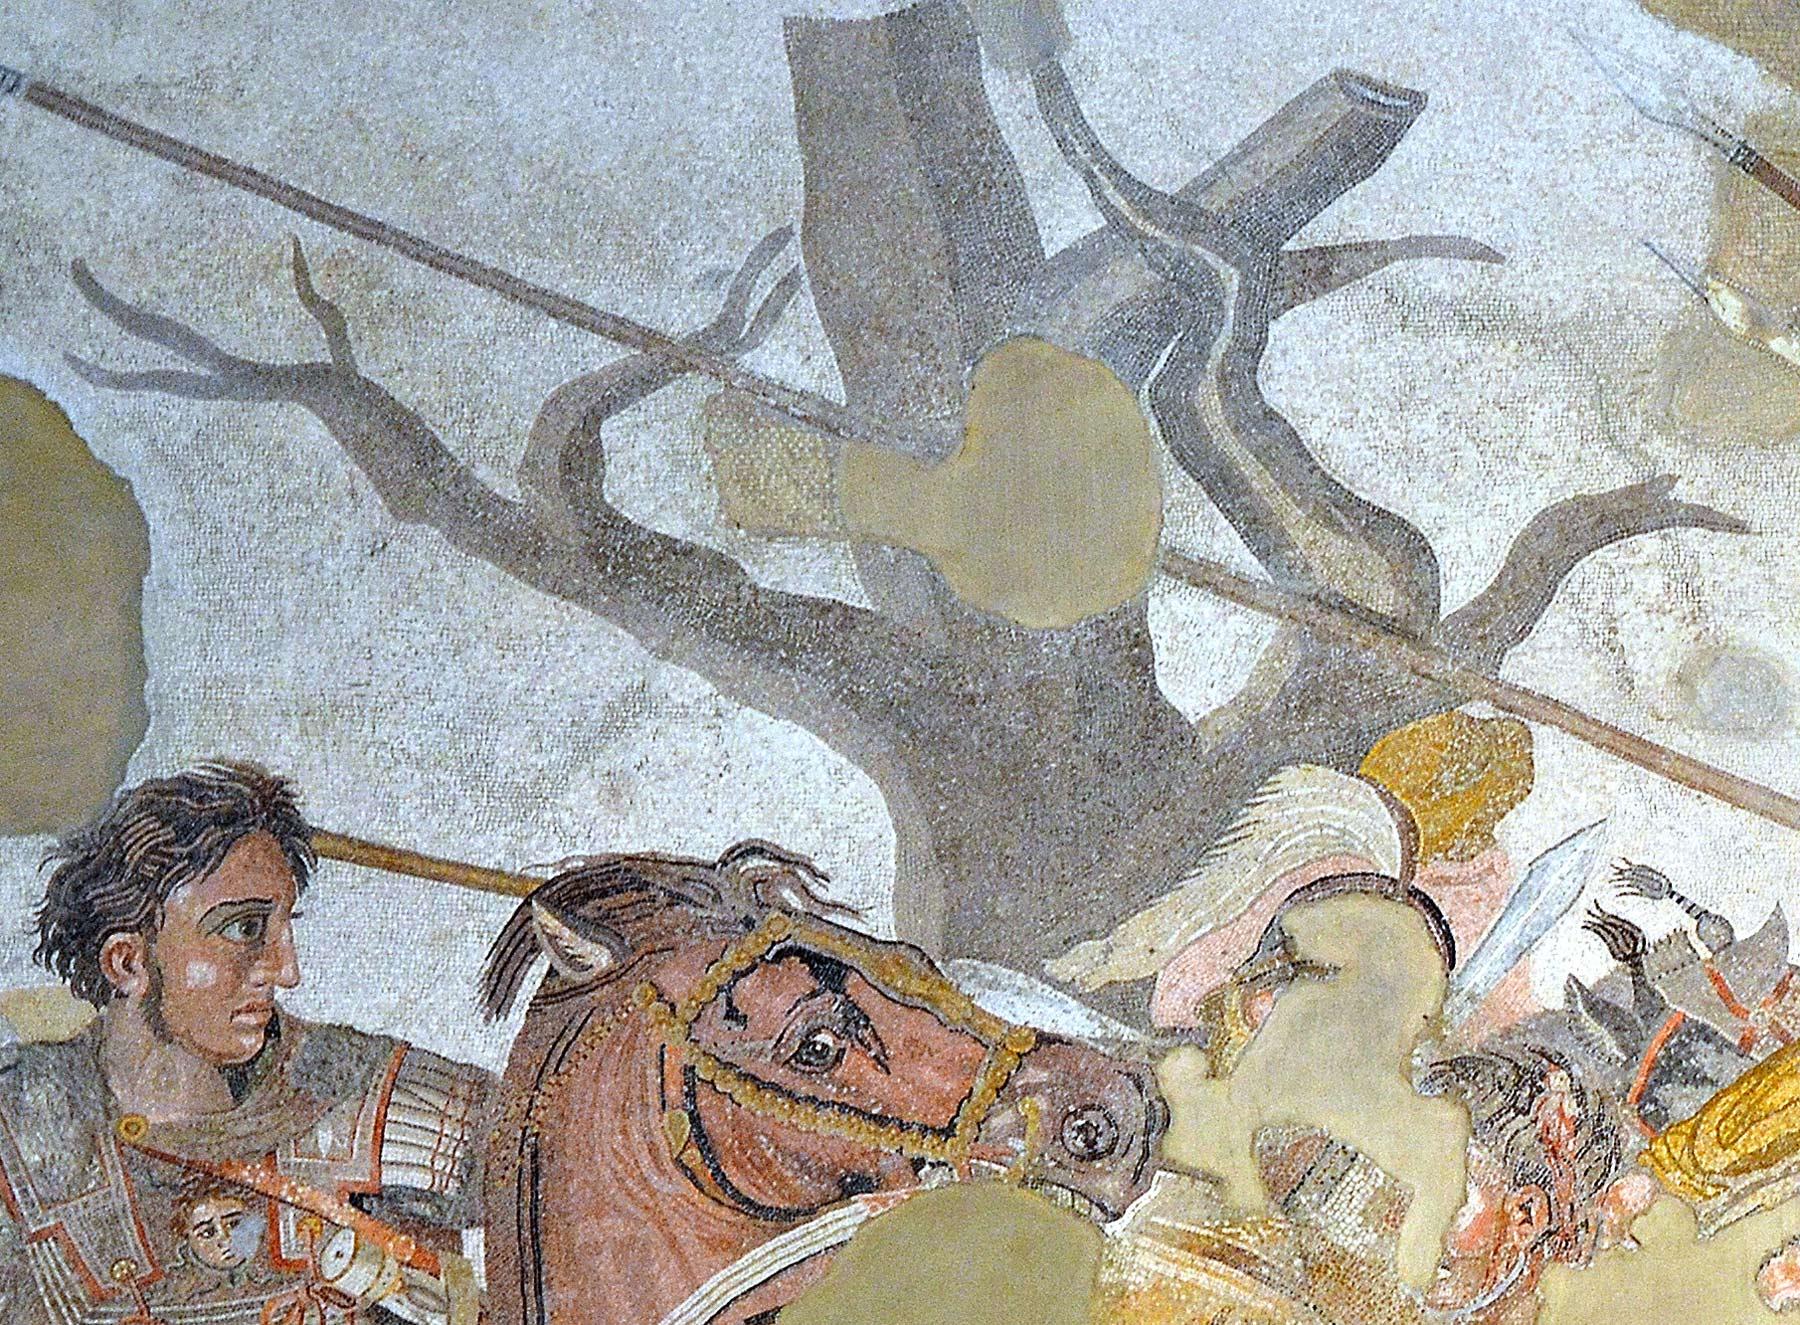 L'Arbre sec de la bataille d'Issos